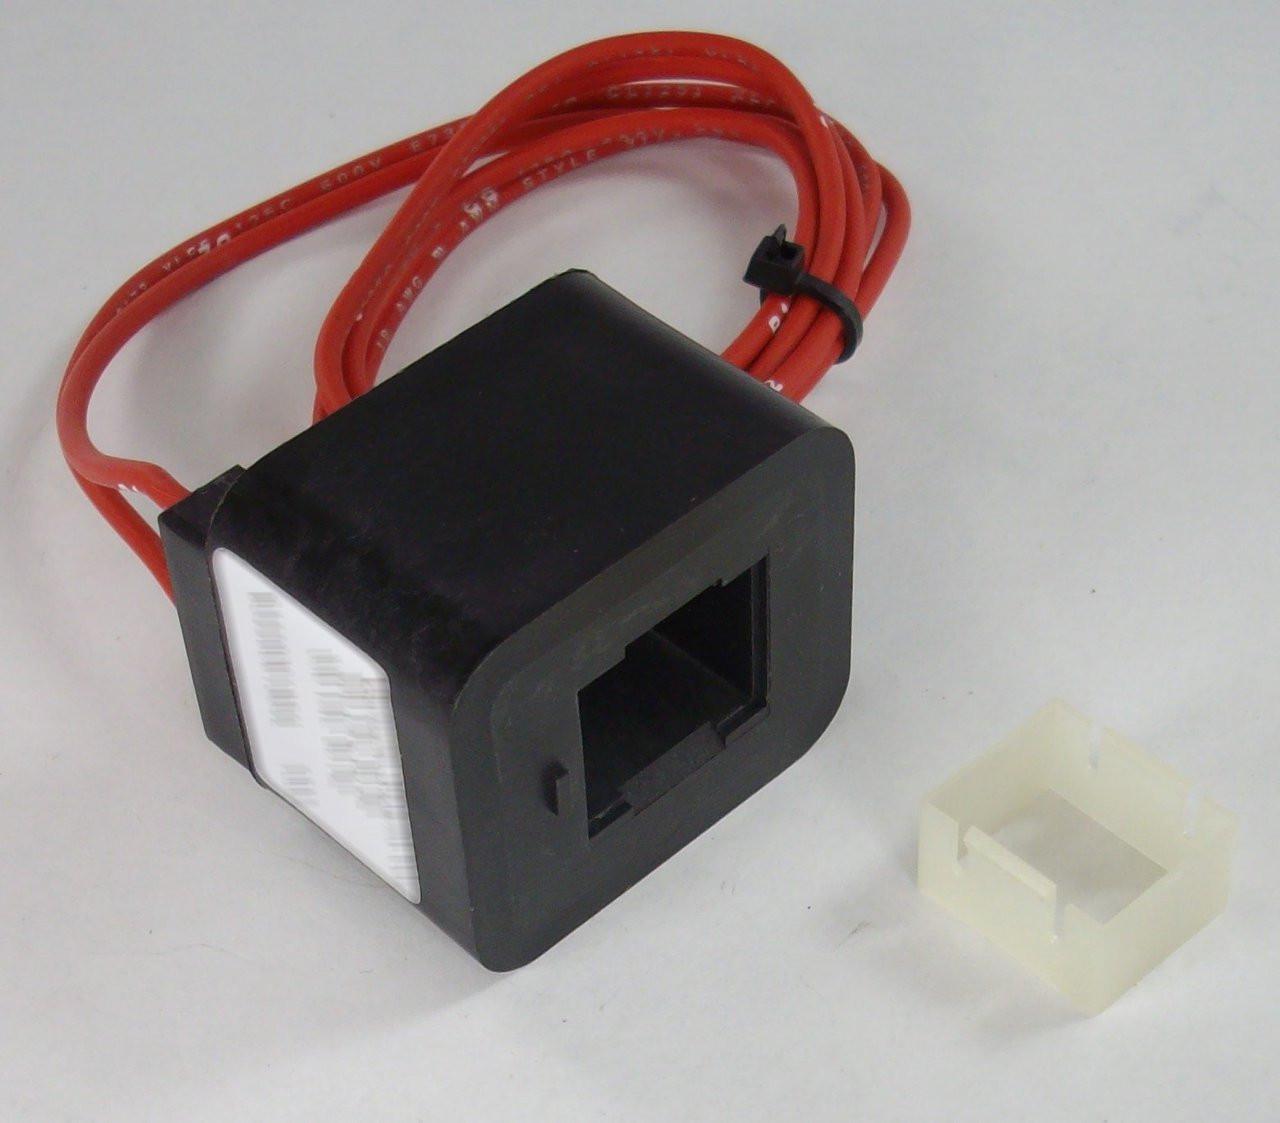 Stearns Brake 64423061954Q Coil Kit # 4+, 208-230/460V 60/50hz, Kit ...